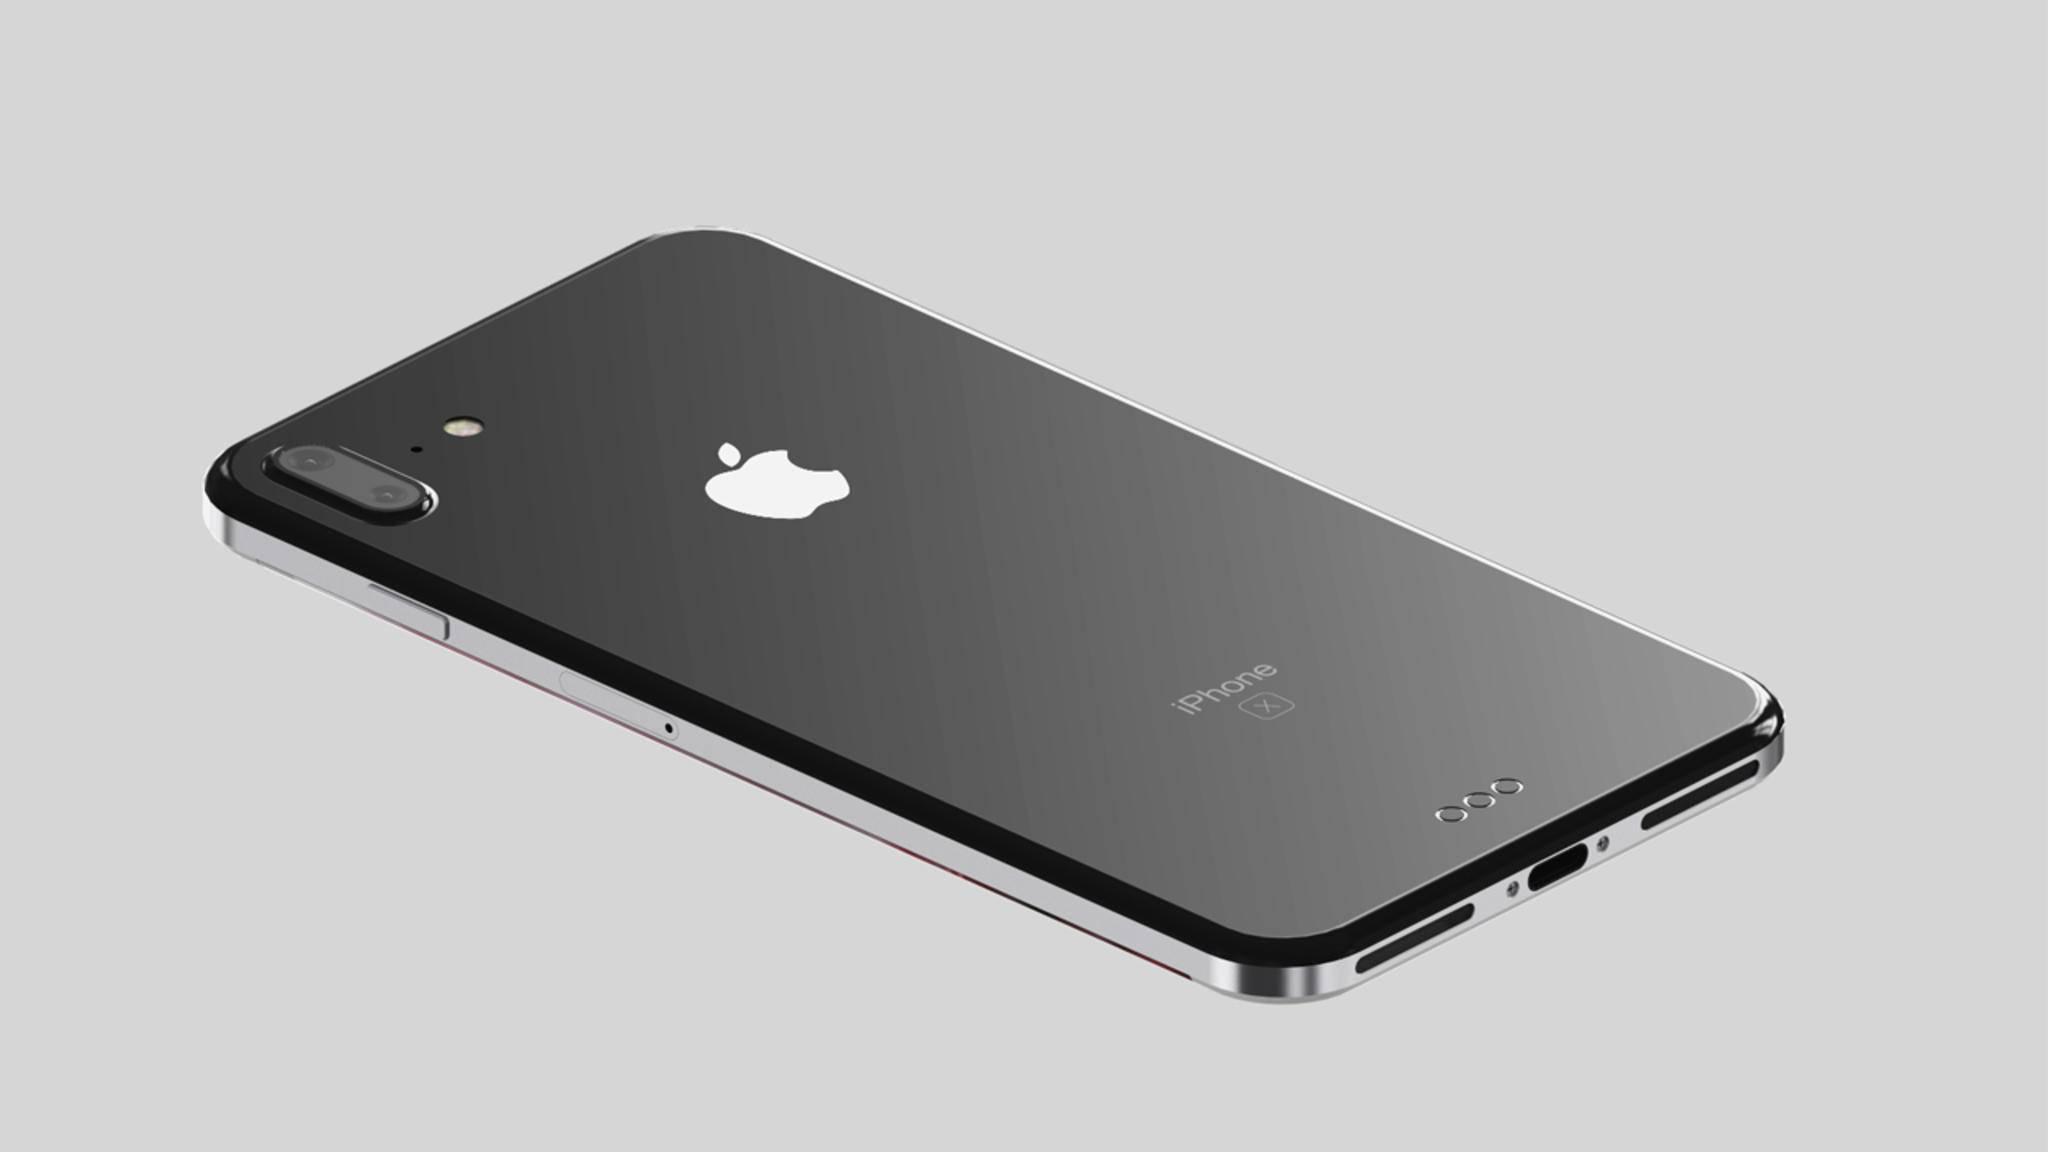 Das iPhone 8 könnte einen deutlich größeren Akku haben.